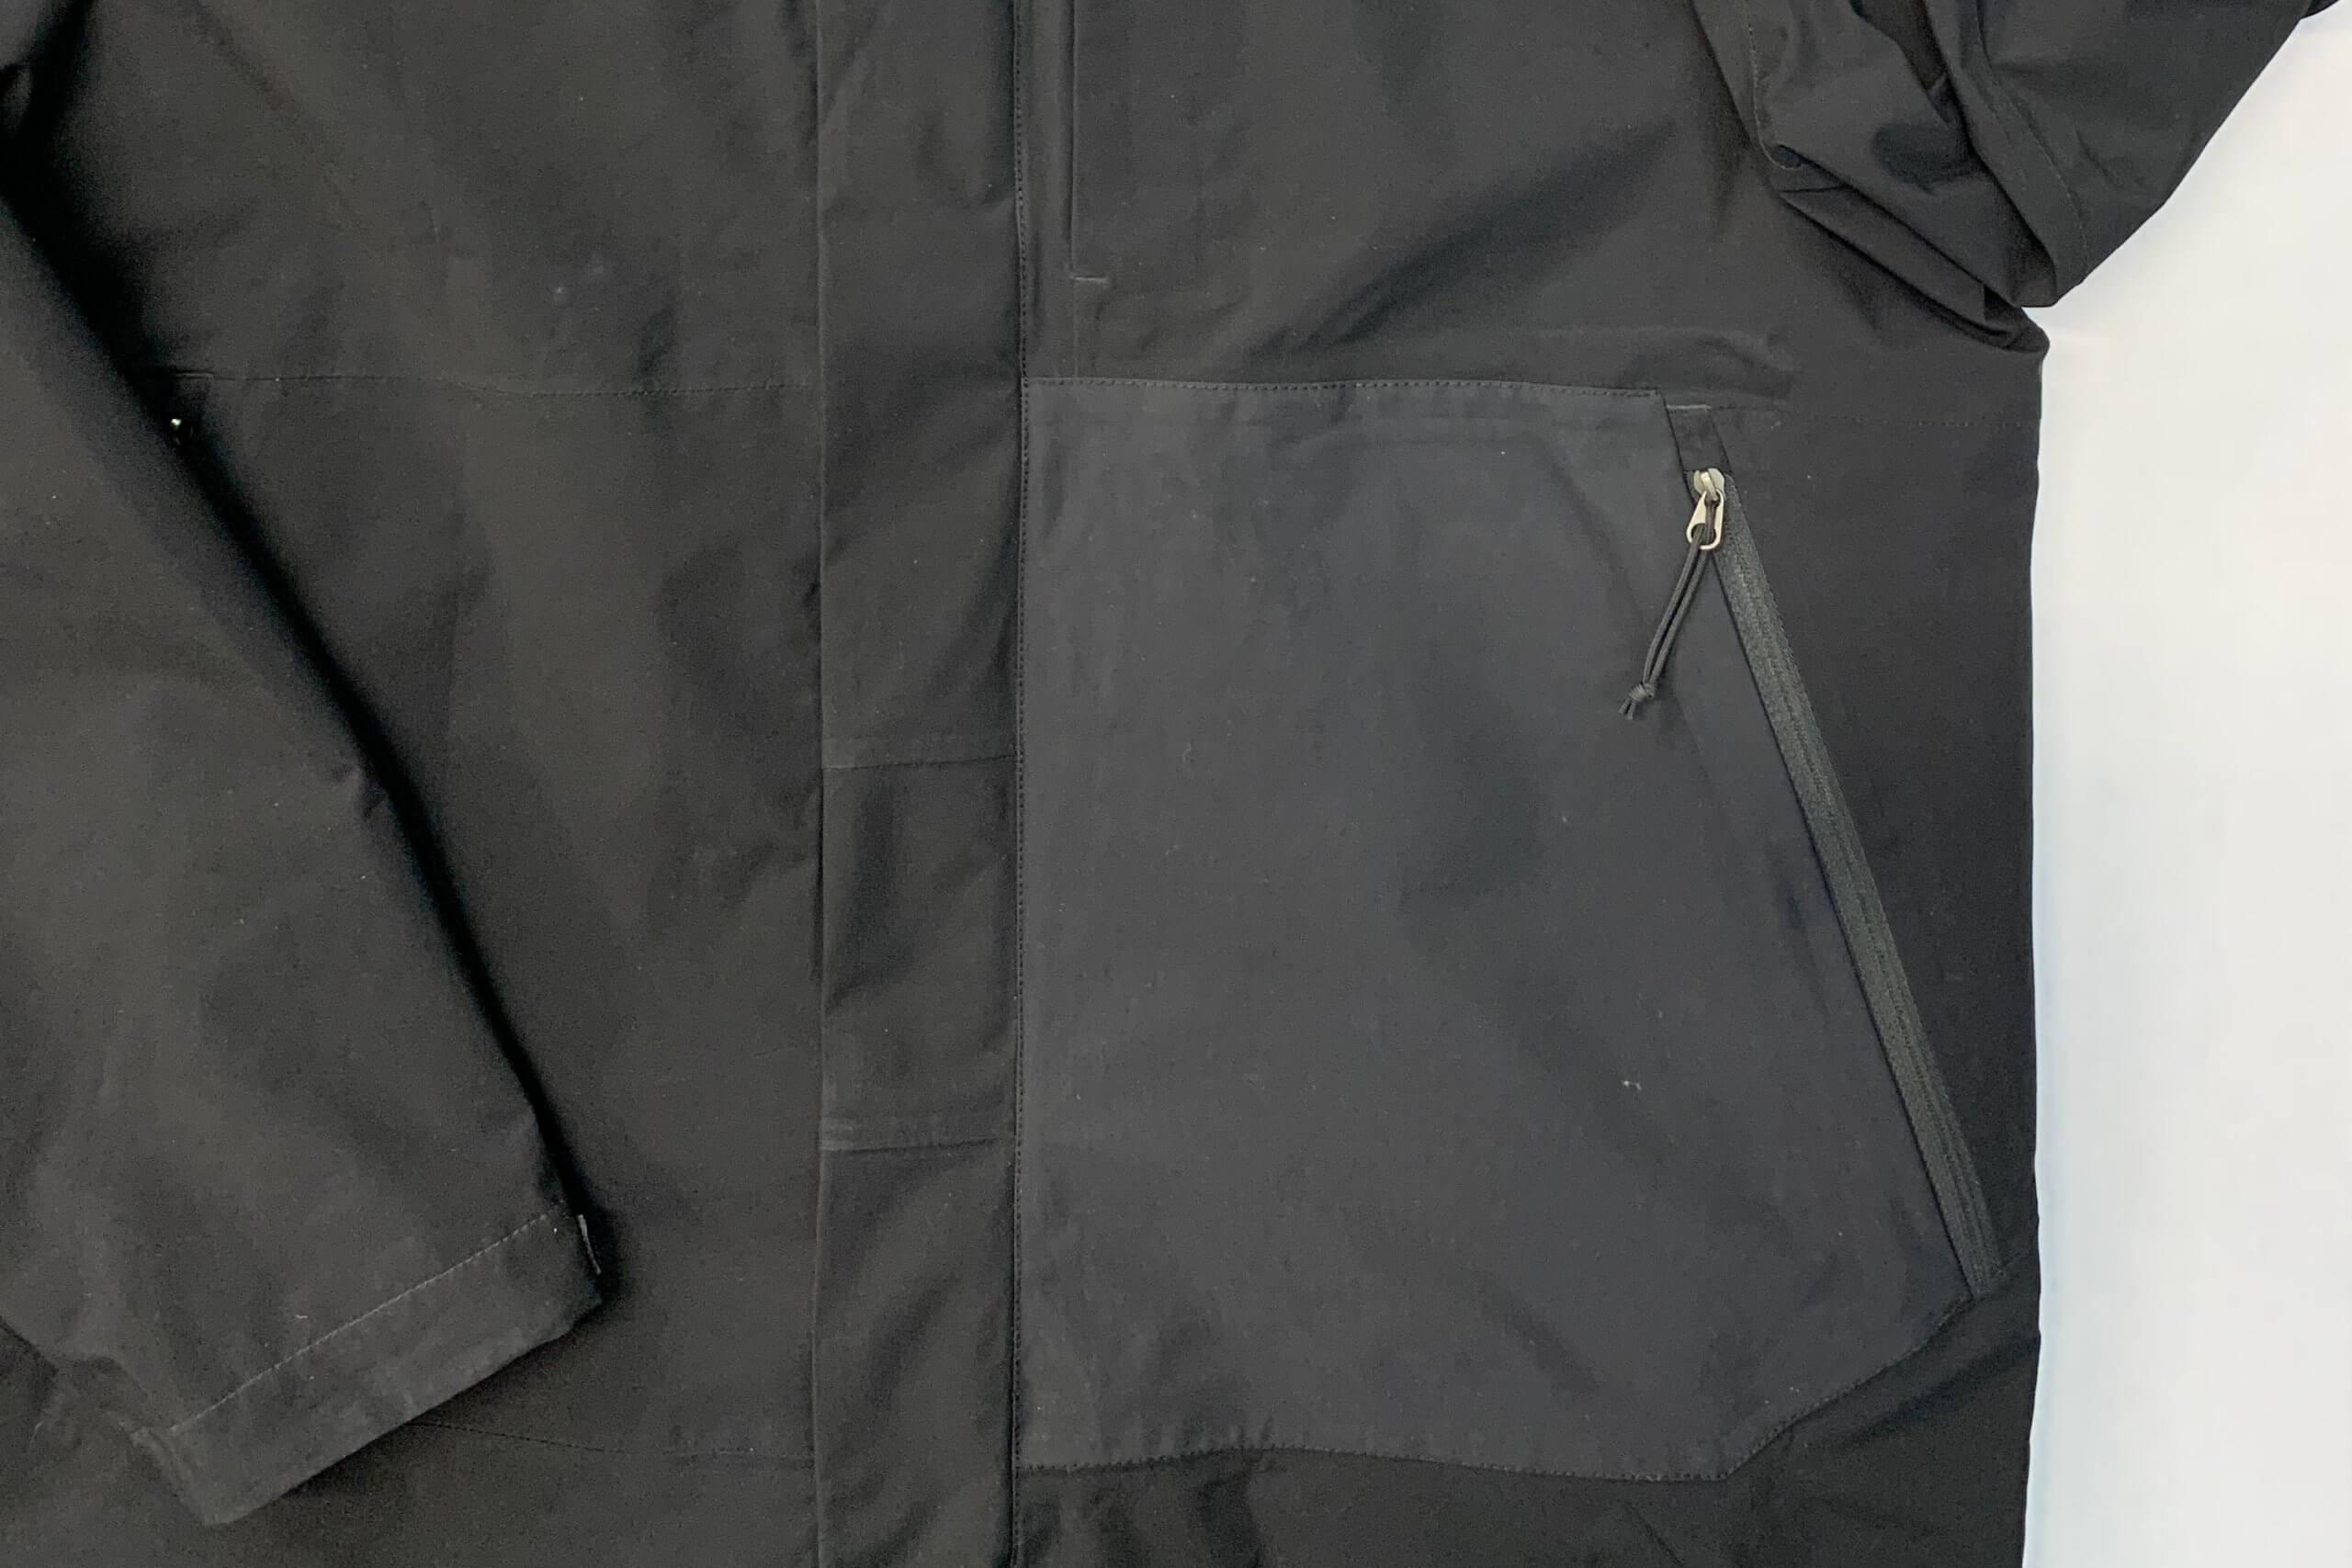 Nylon jacket patch